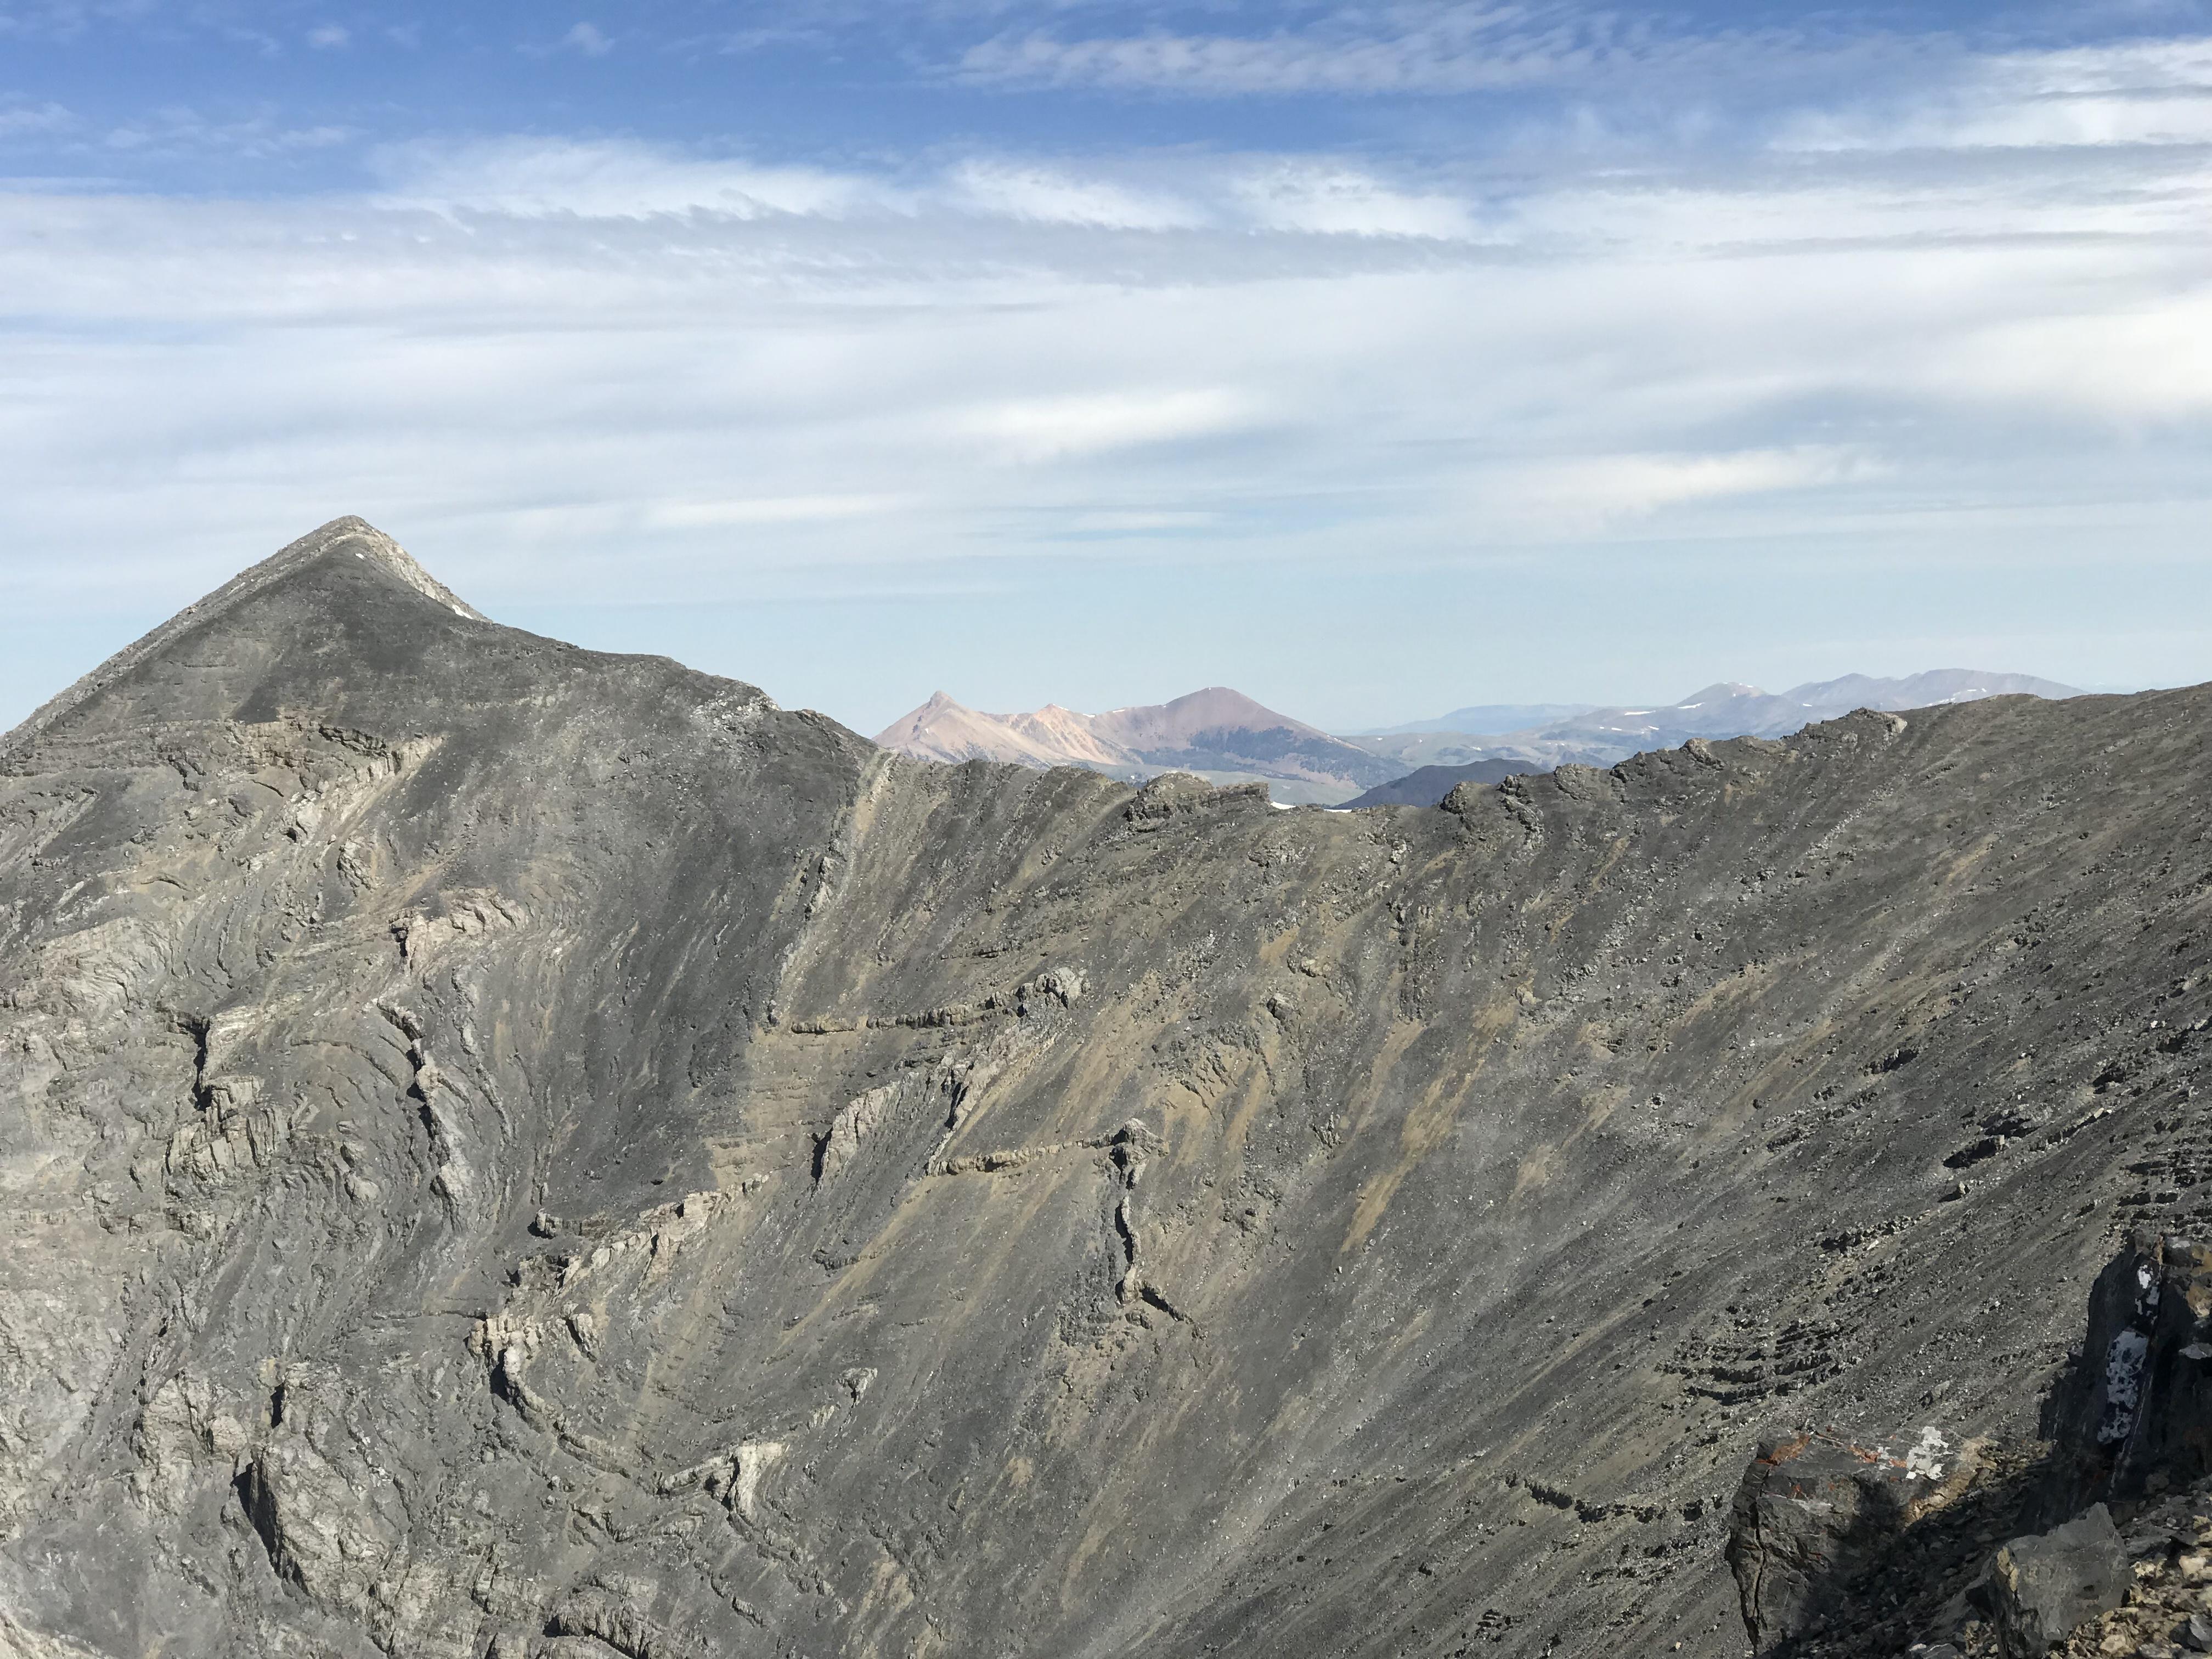 The Huhs Horn/Scott Peak Ridge viewed from the Tower Rib.